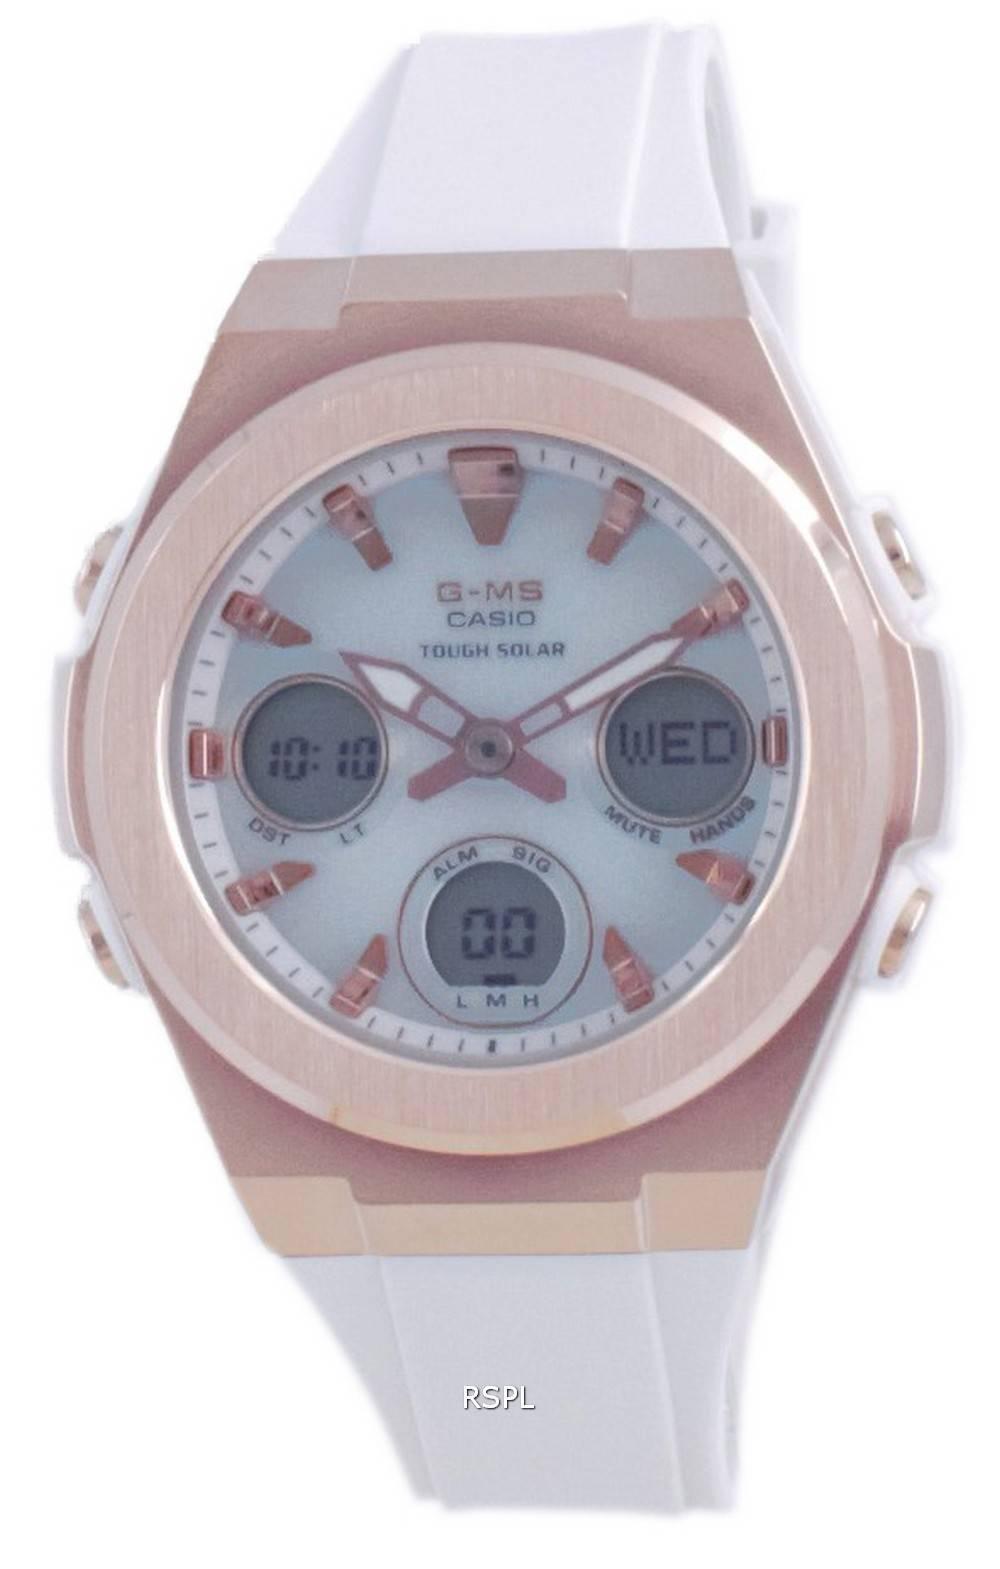 Casio Baby-G G-MS analoginen digitaalinen kova aurinko MSG-S600G-7A MSGS600G-7 100M naisten kello